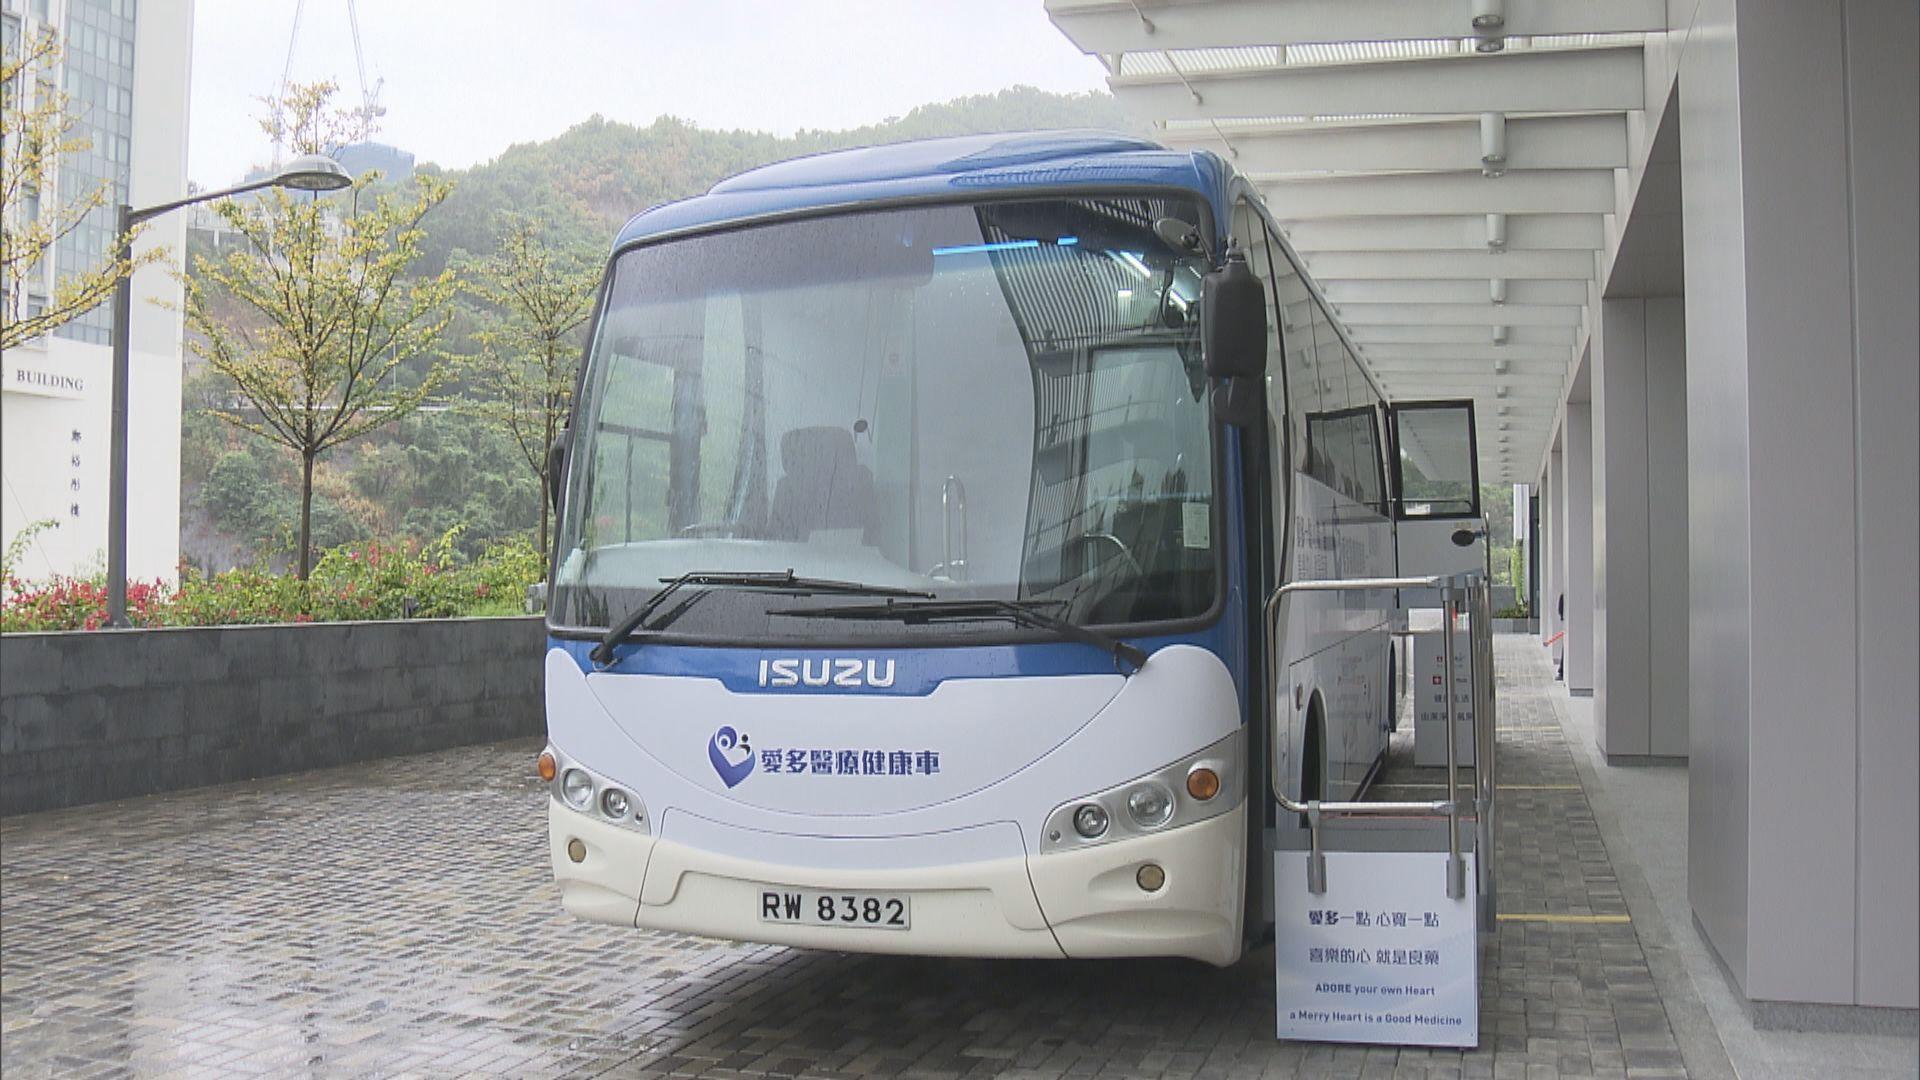 中大醫院與檢測公司合作改裝旅遊巴入作檢測車